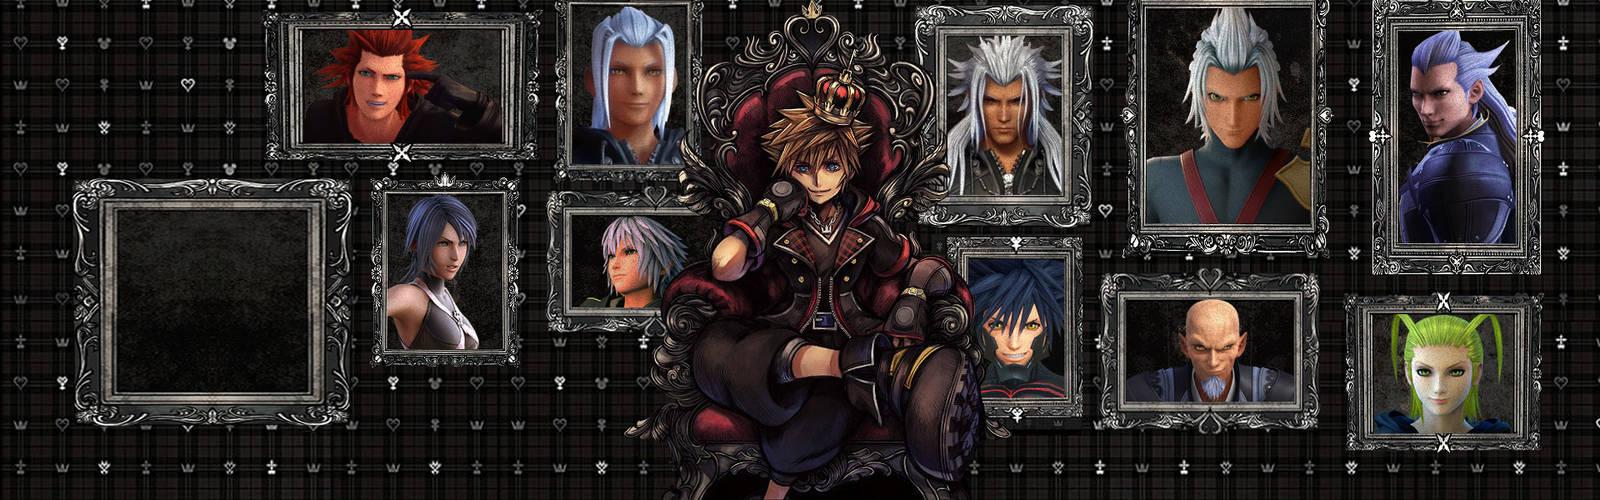 Kingdom Hearts 3 PS4 Cover Image 2 by Kuro-Kazuma on DeviantArt